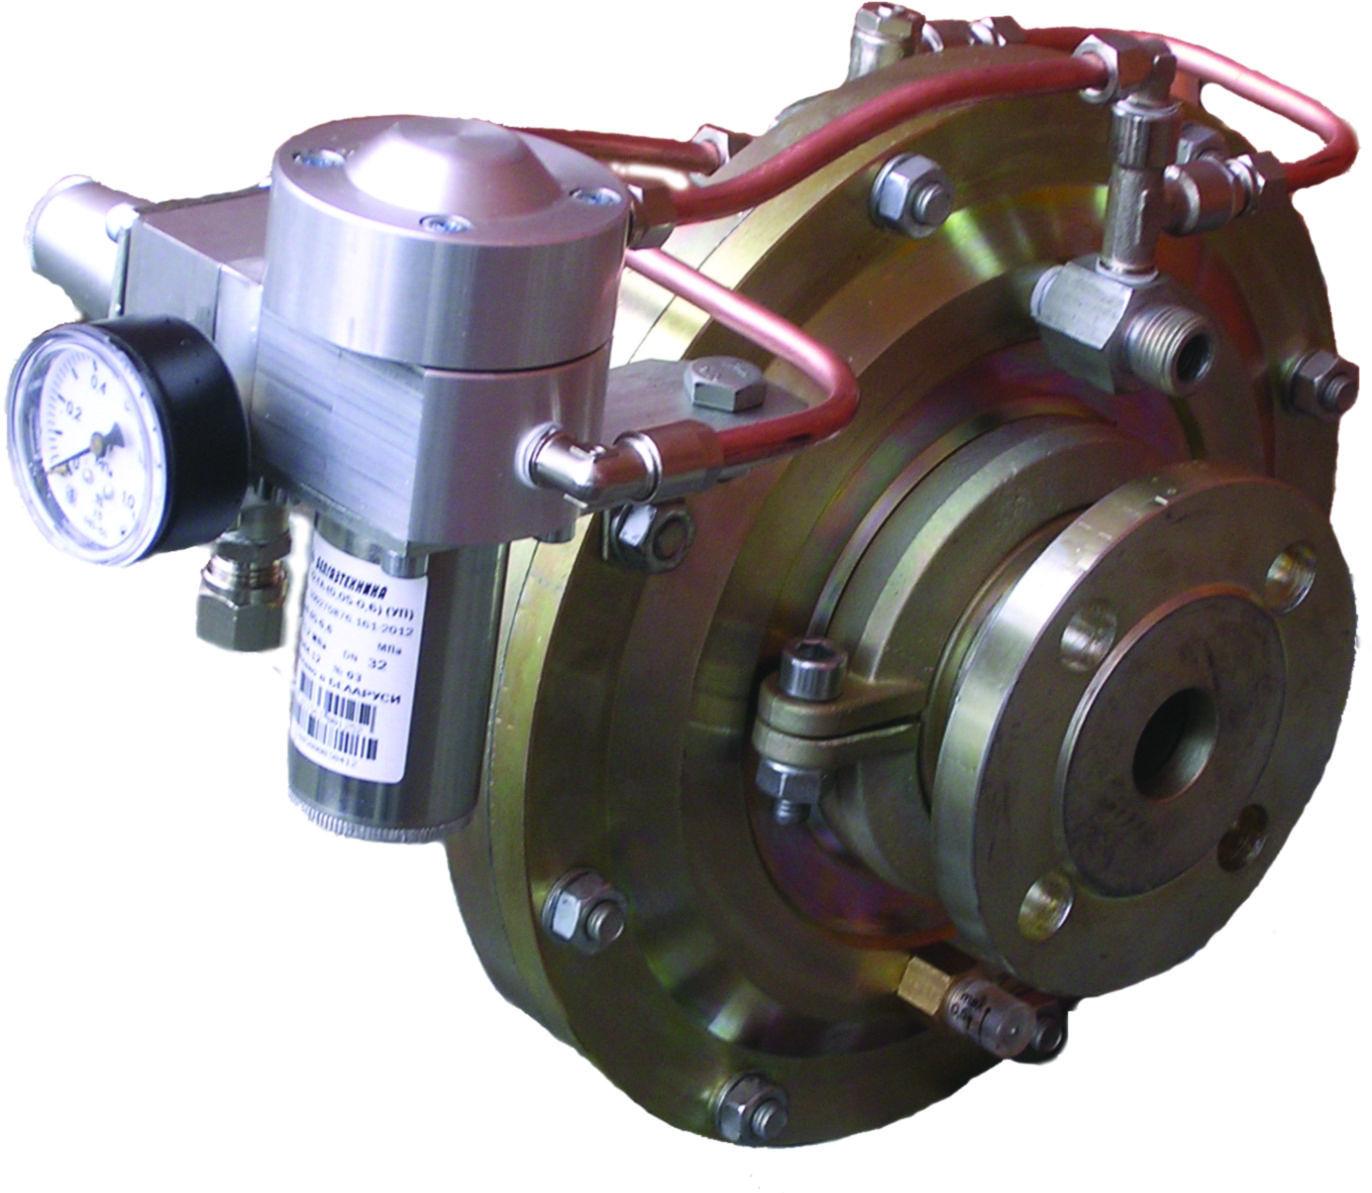 Poza cu Регулятор давления газа прямоточный РГП-32